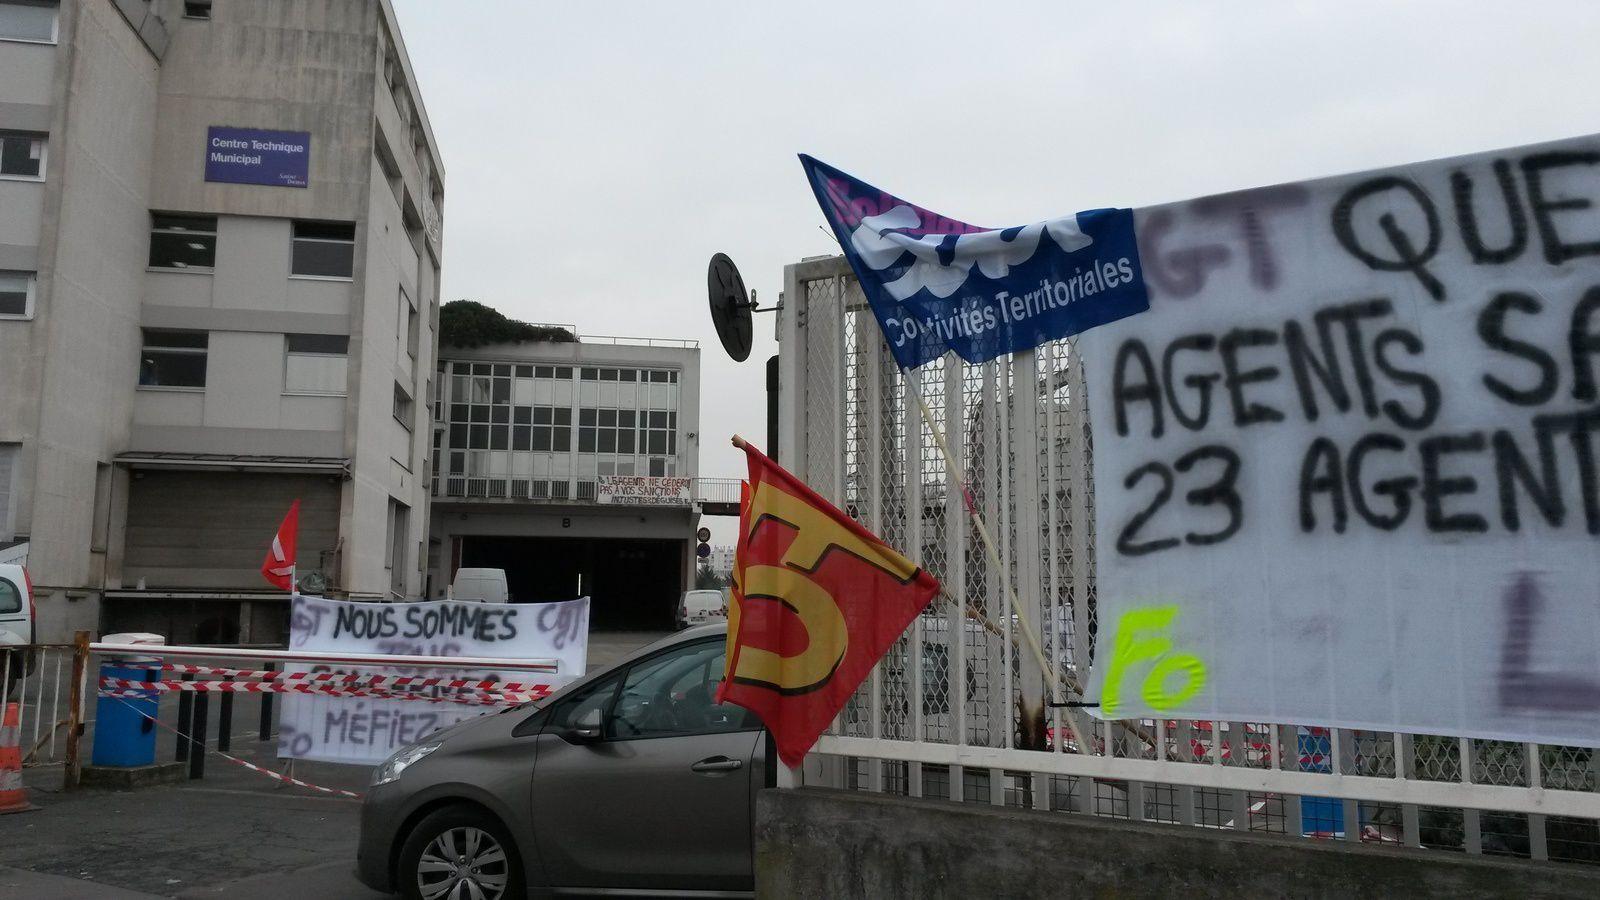 3è jour de grève au CTM de Saint-Denis : face à un mouvement déterminé, laisser pourrir la situation n'est pas responsable.